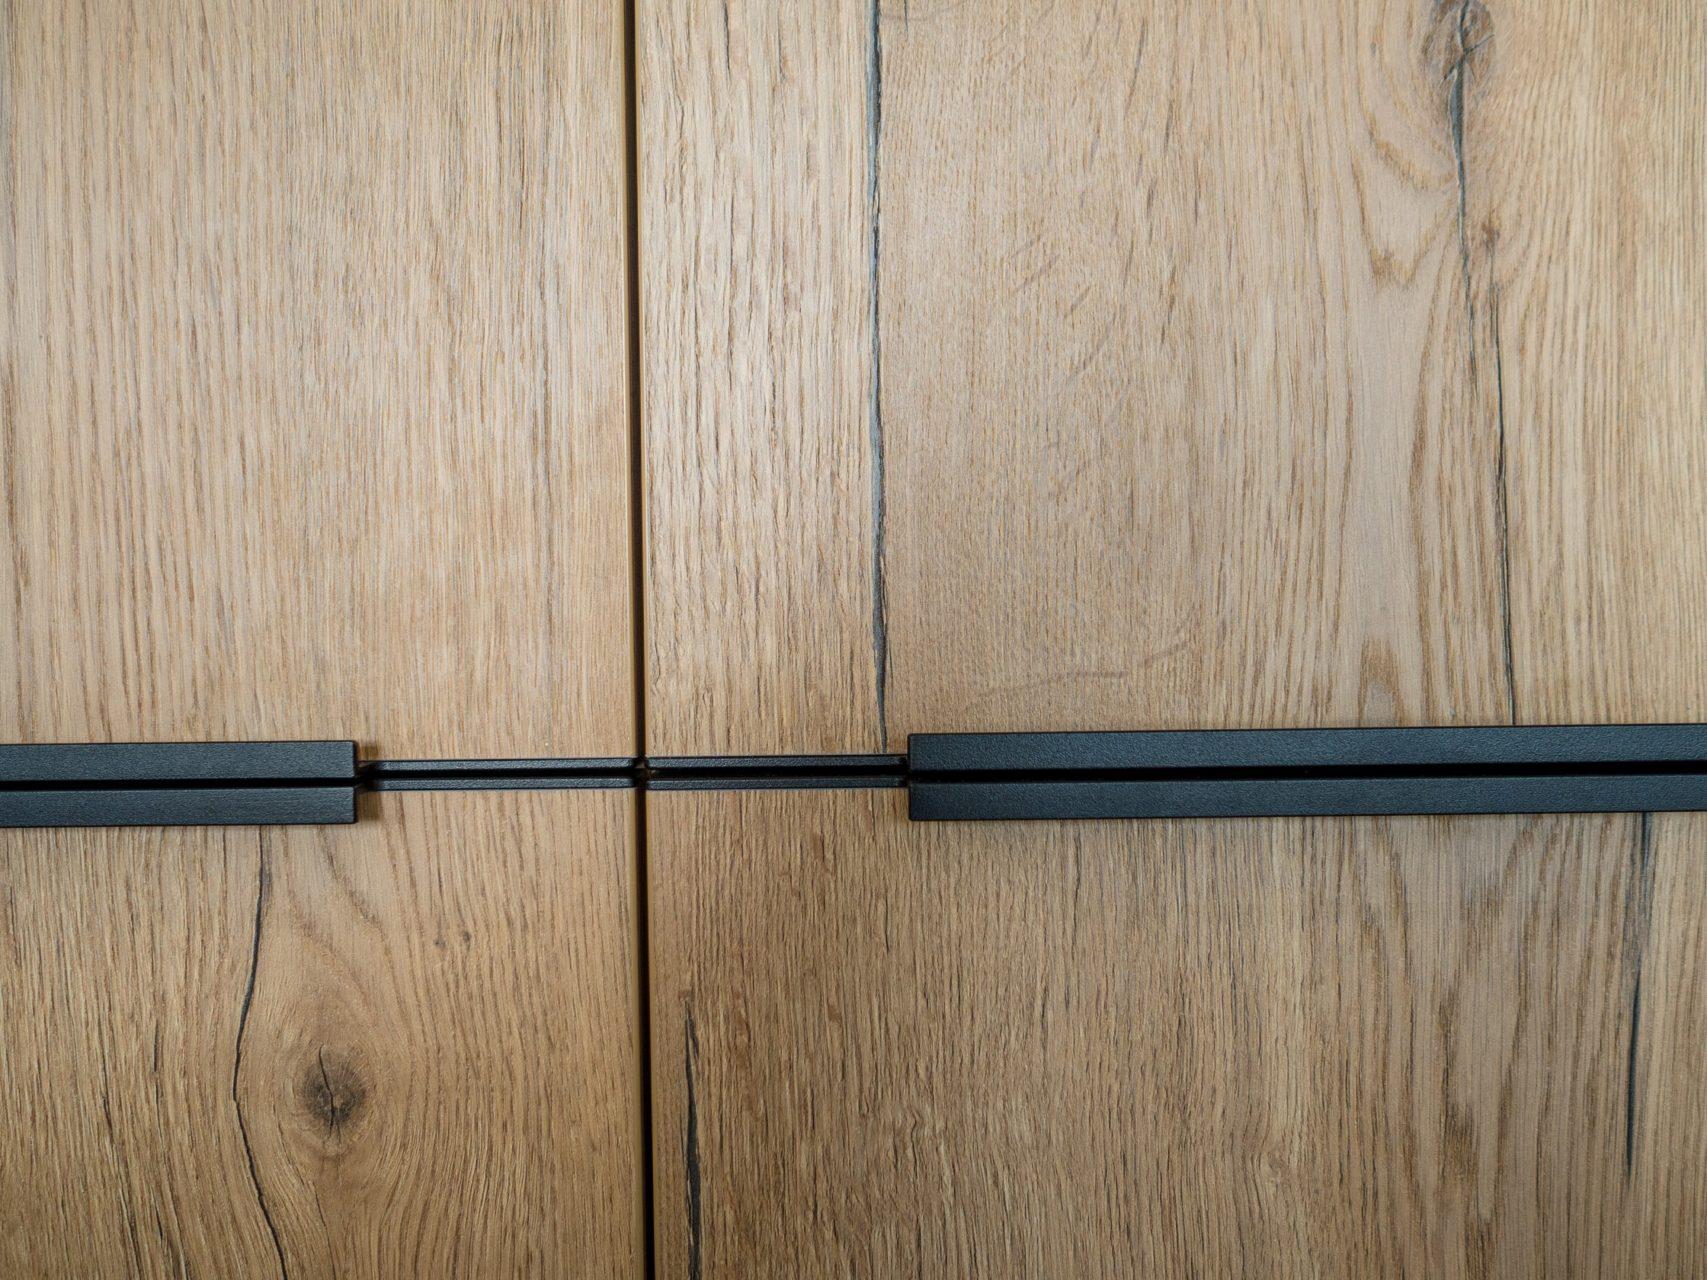 Moderne Haecker Kueche Betonoptik Kombiniert Alteiche Dektonarbeitsplatte Bora Pure Kochfeld Neff Elektrogeraeten 14